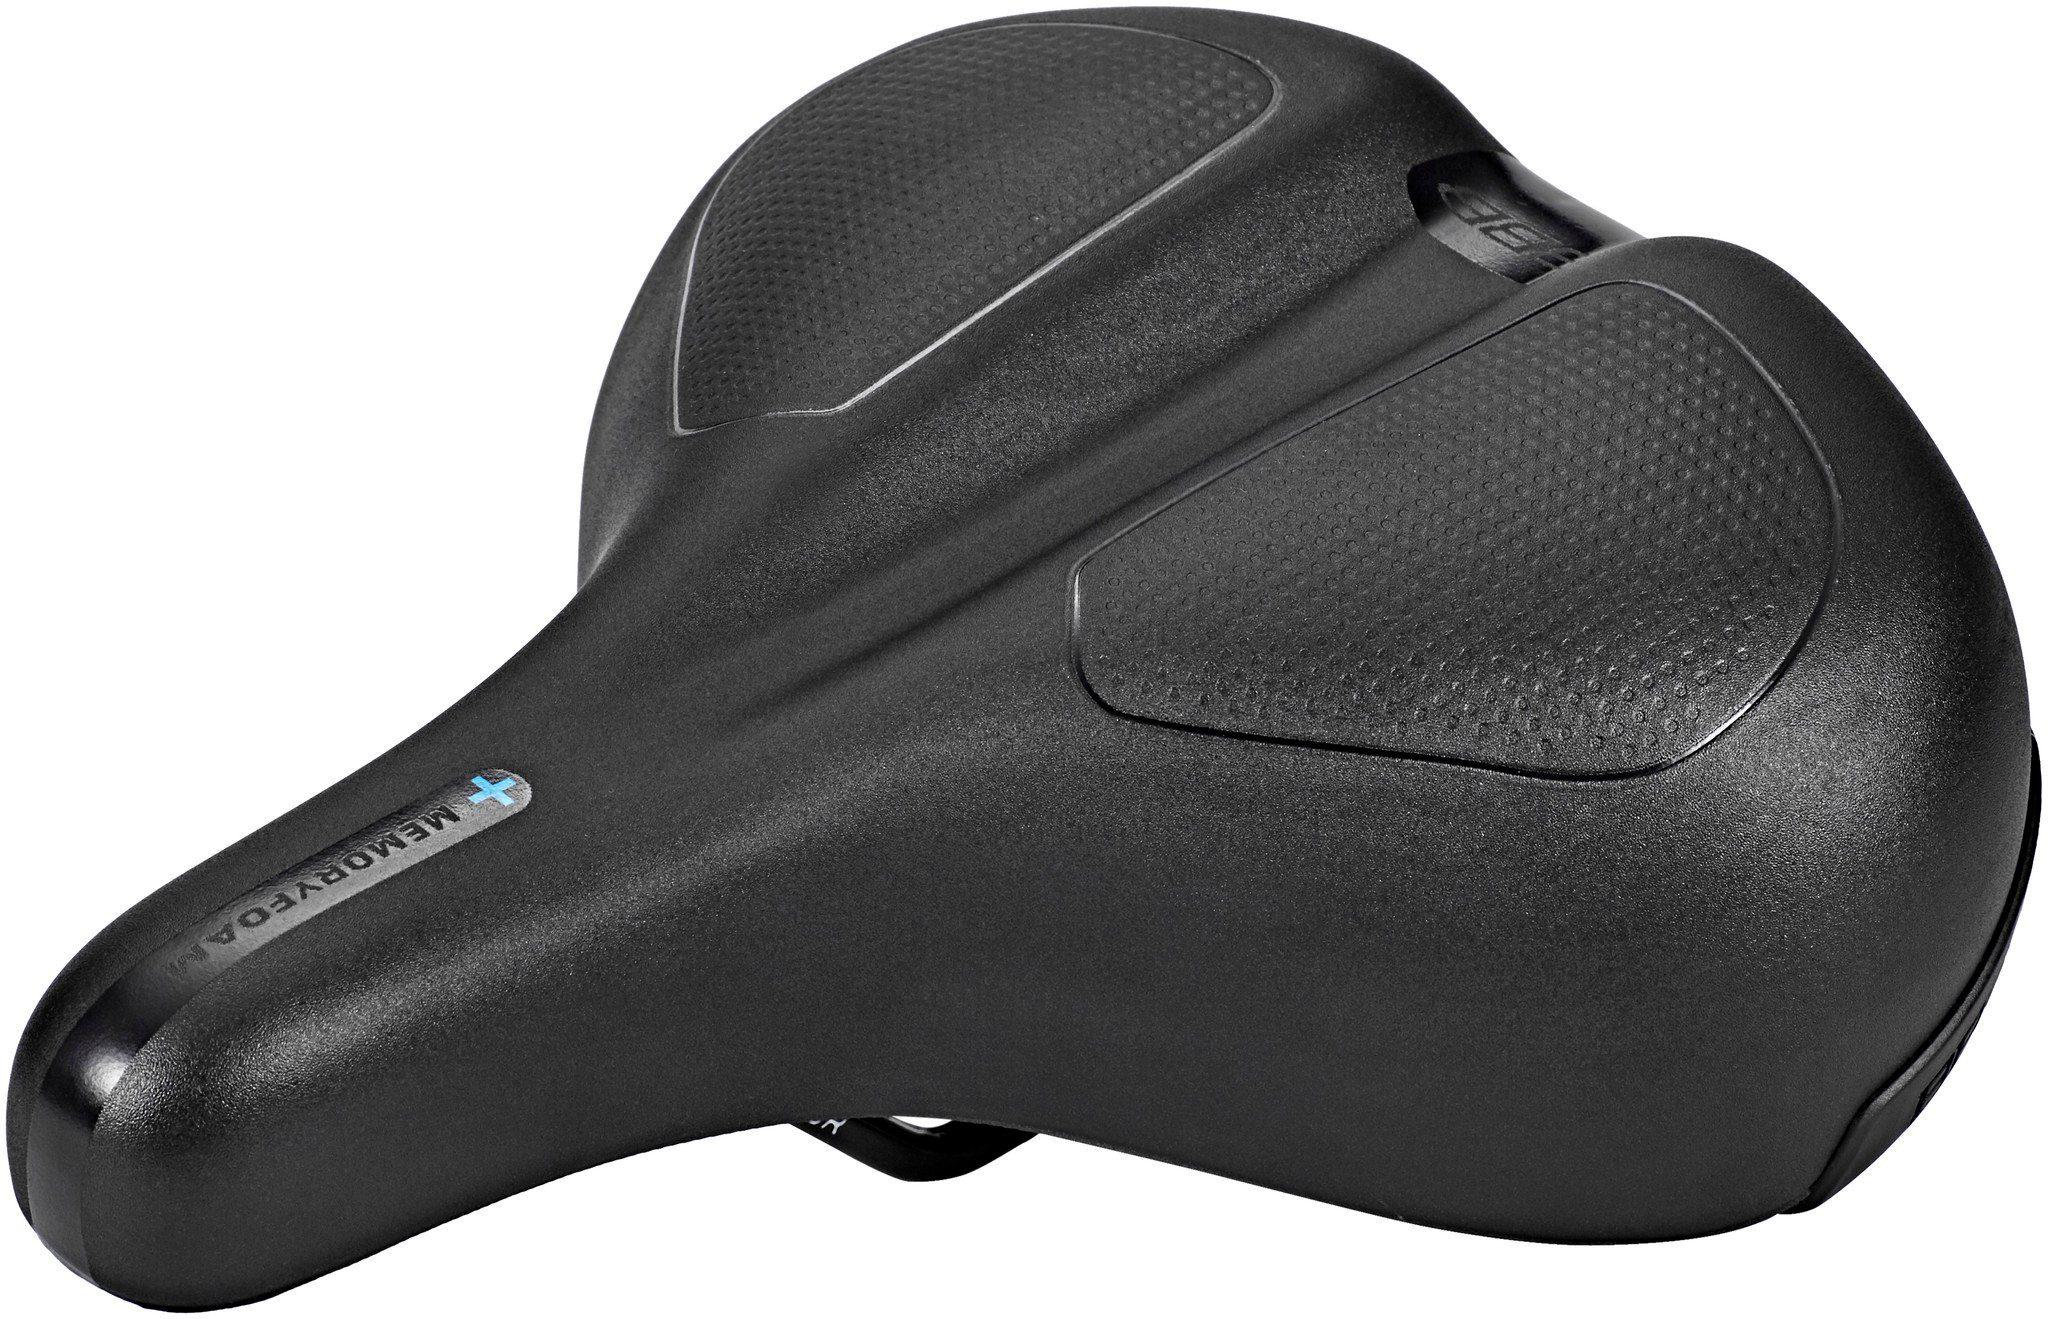 BBB Fahrradsattel »ComfortPlus Upright BSD-106 Sattel«